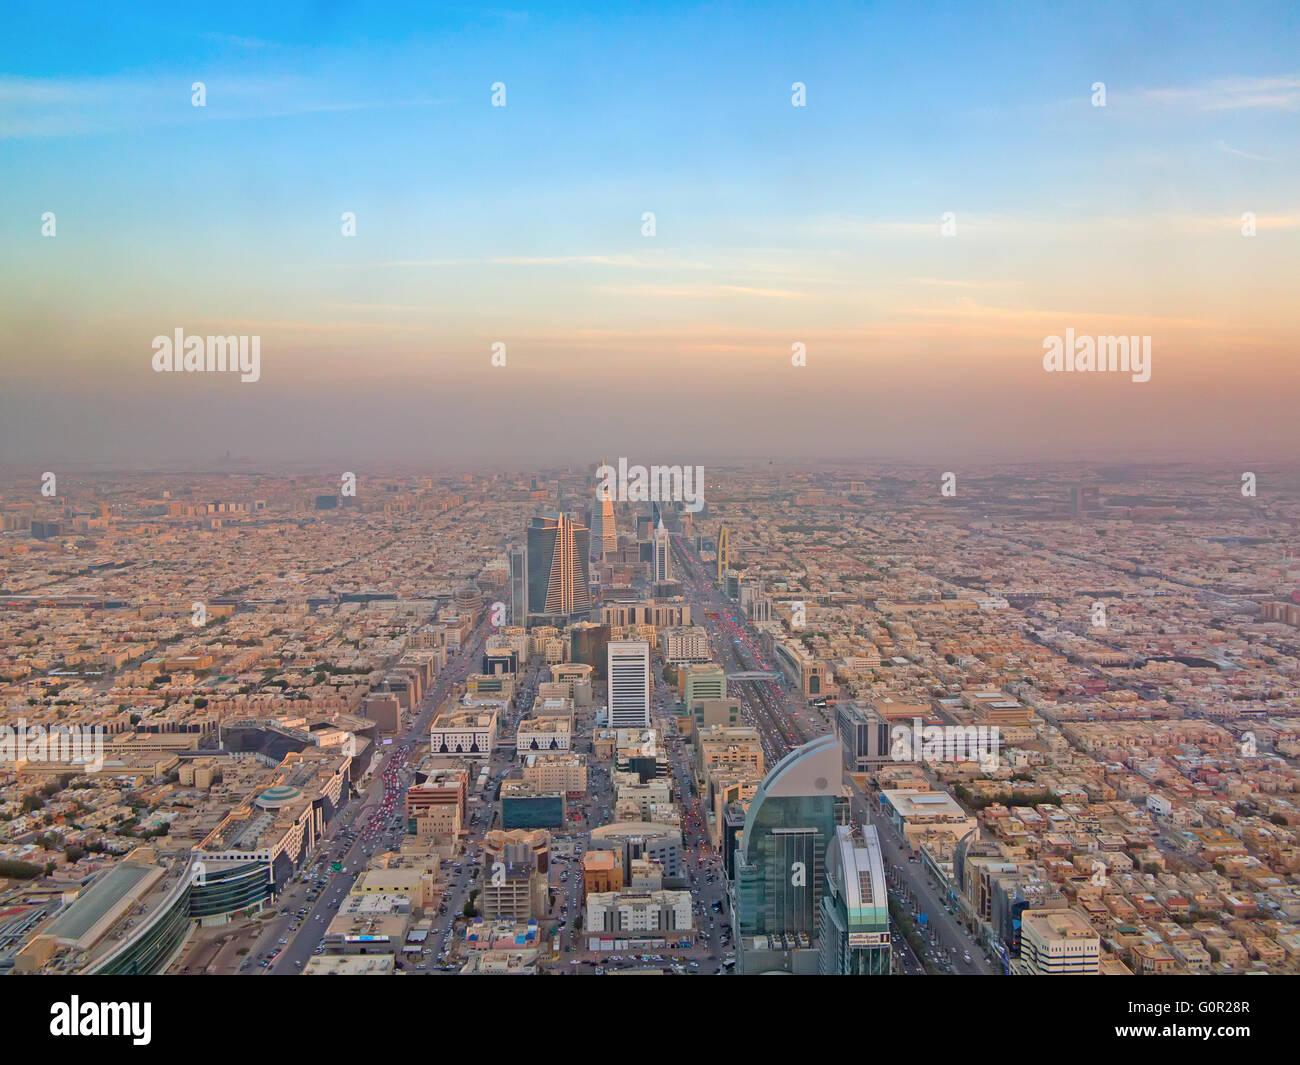 Ryad - Febrero 29: Vista aérea del centro de Riad el 29 de febrero de 2016 en Riad, Arabia Saudita. Imagen De Stock